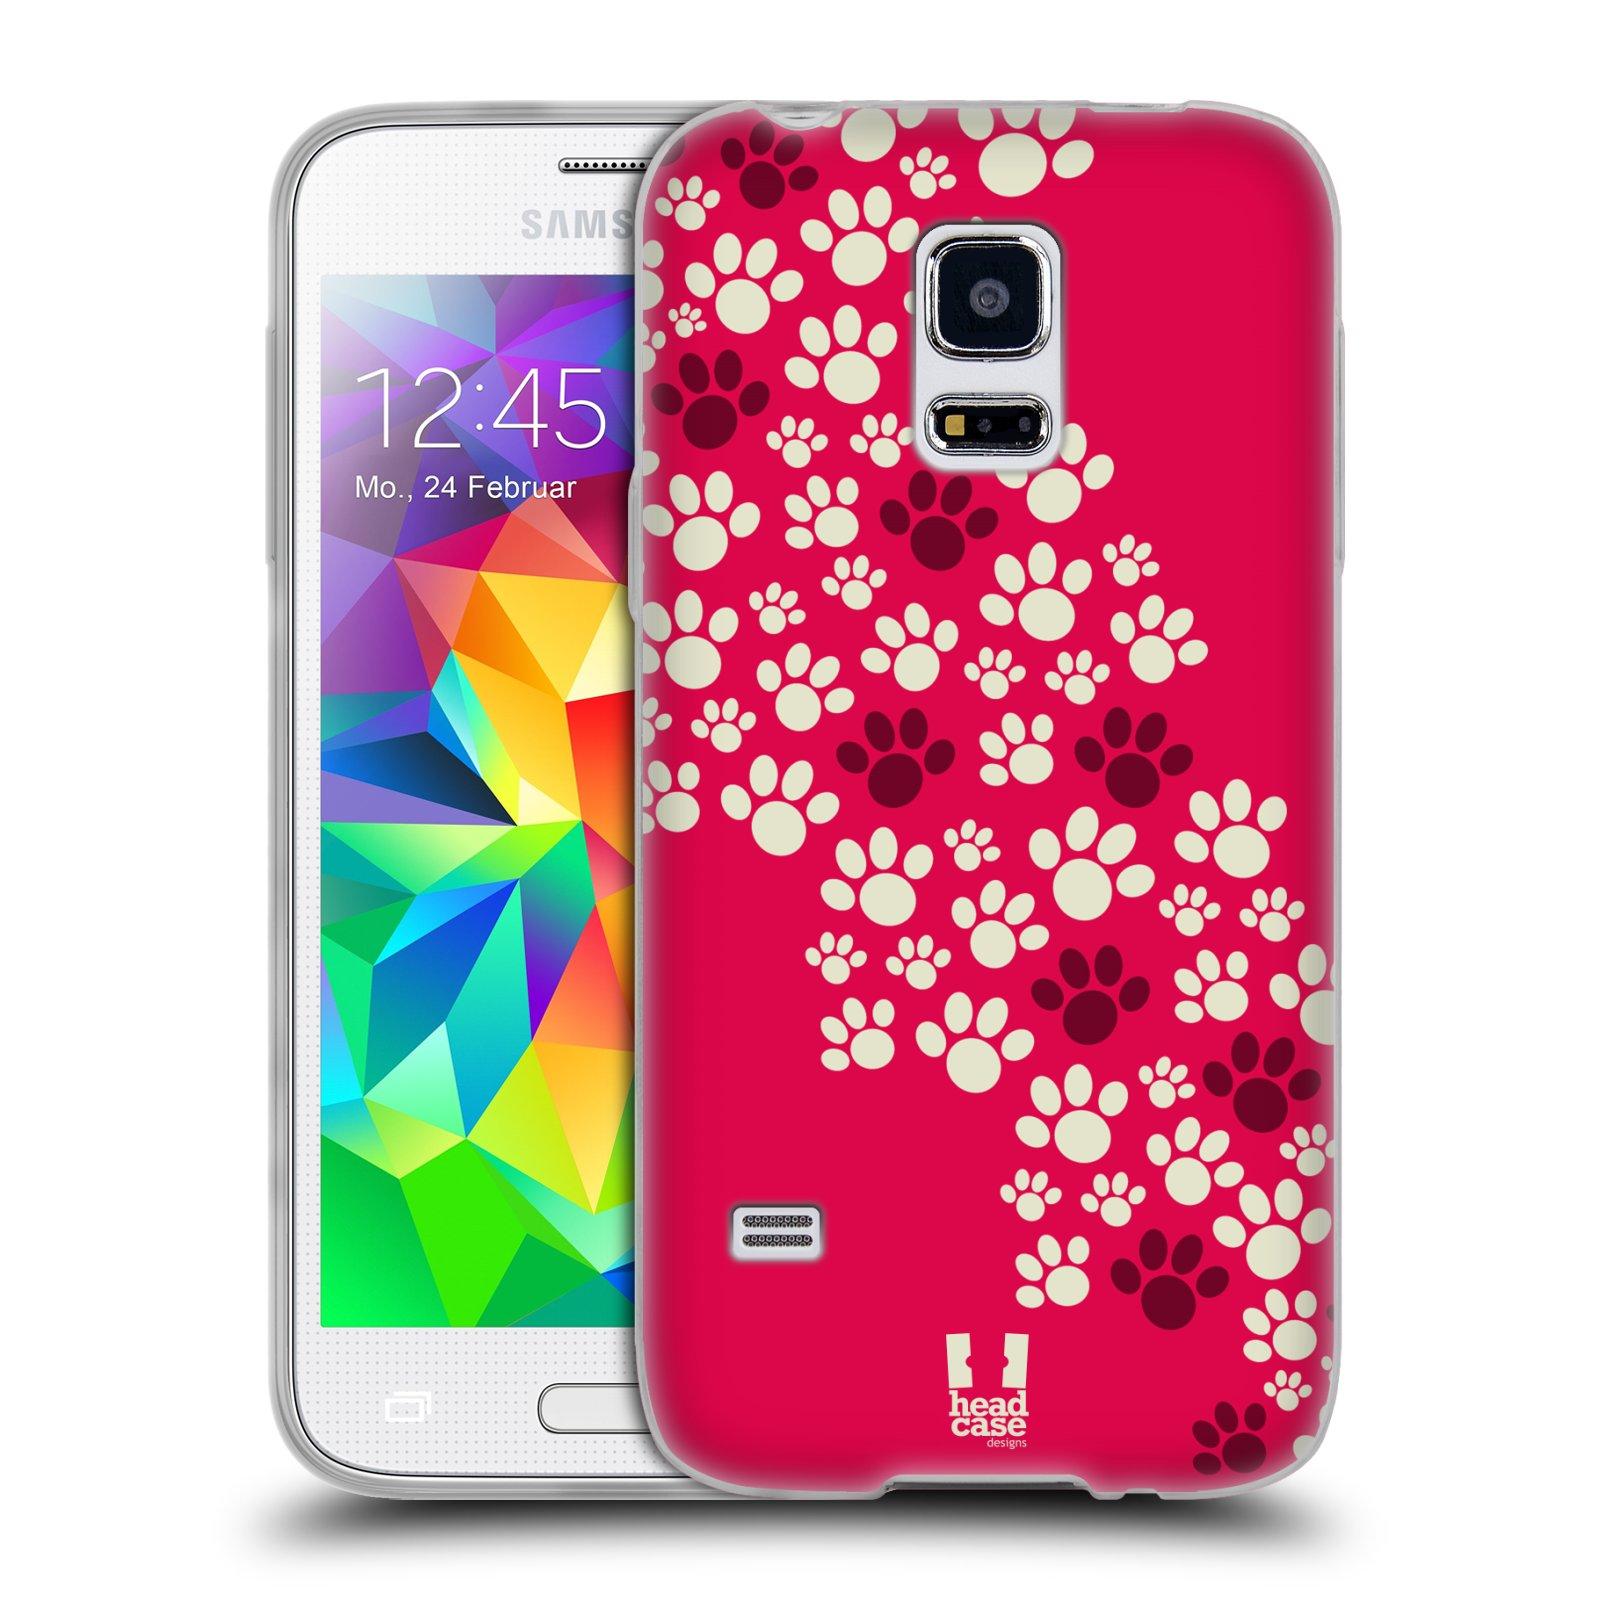 Silikonové pouzdro na mobil Samsung Galaxy S5 Mini HEAD CASE TLAPKY RŮŽOVÉ (Silikonový kryt či obal na mobilní telefon Samsung Galaxy S5 Mini SM-G800F)